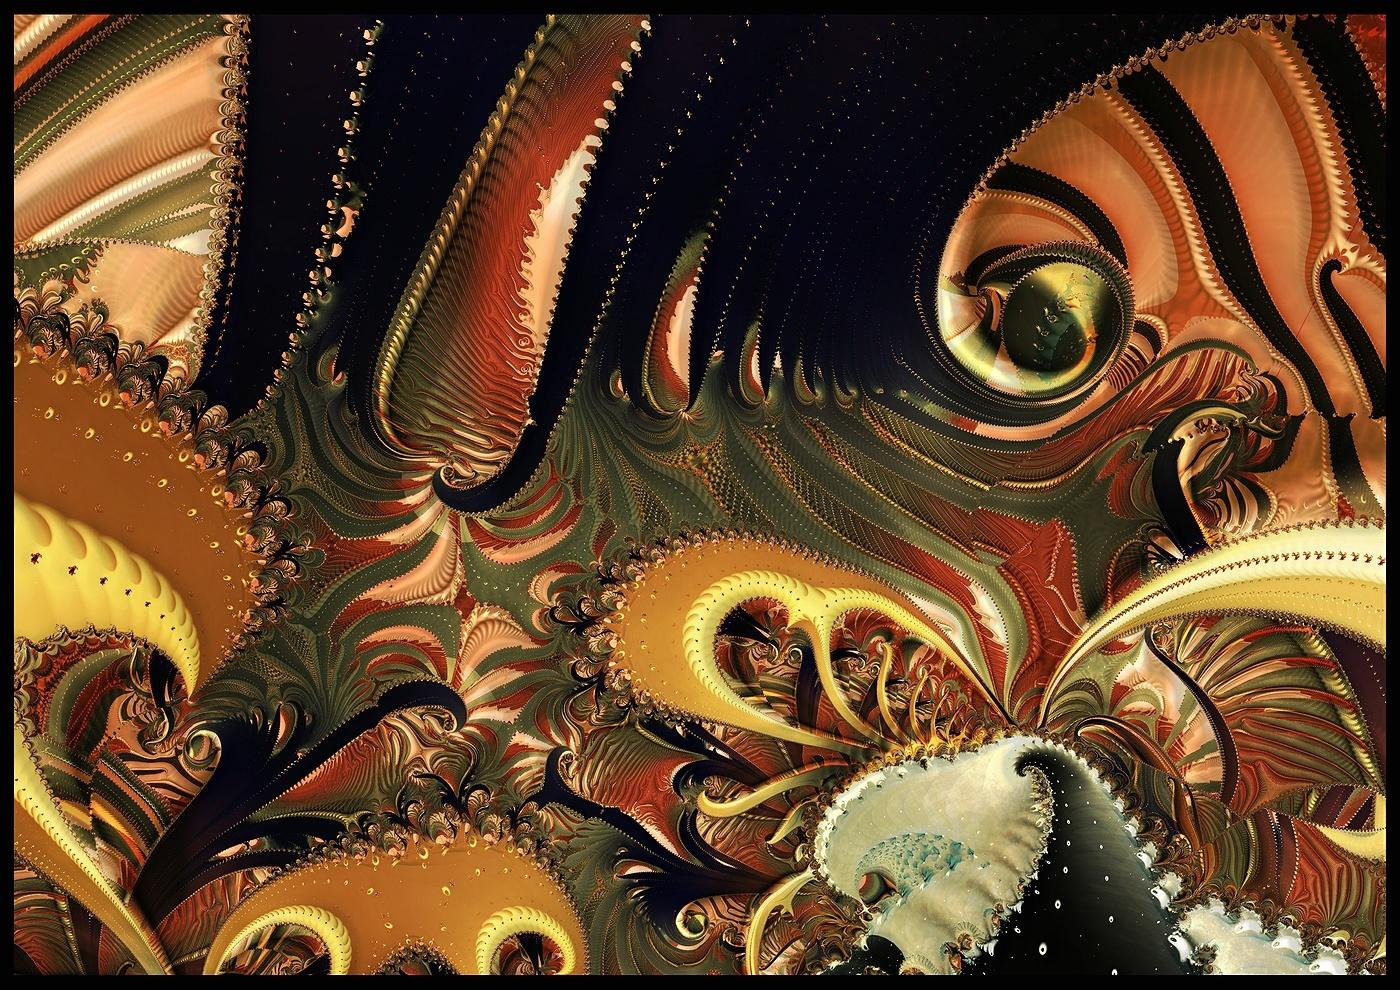 Fractal Image 43127dd